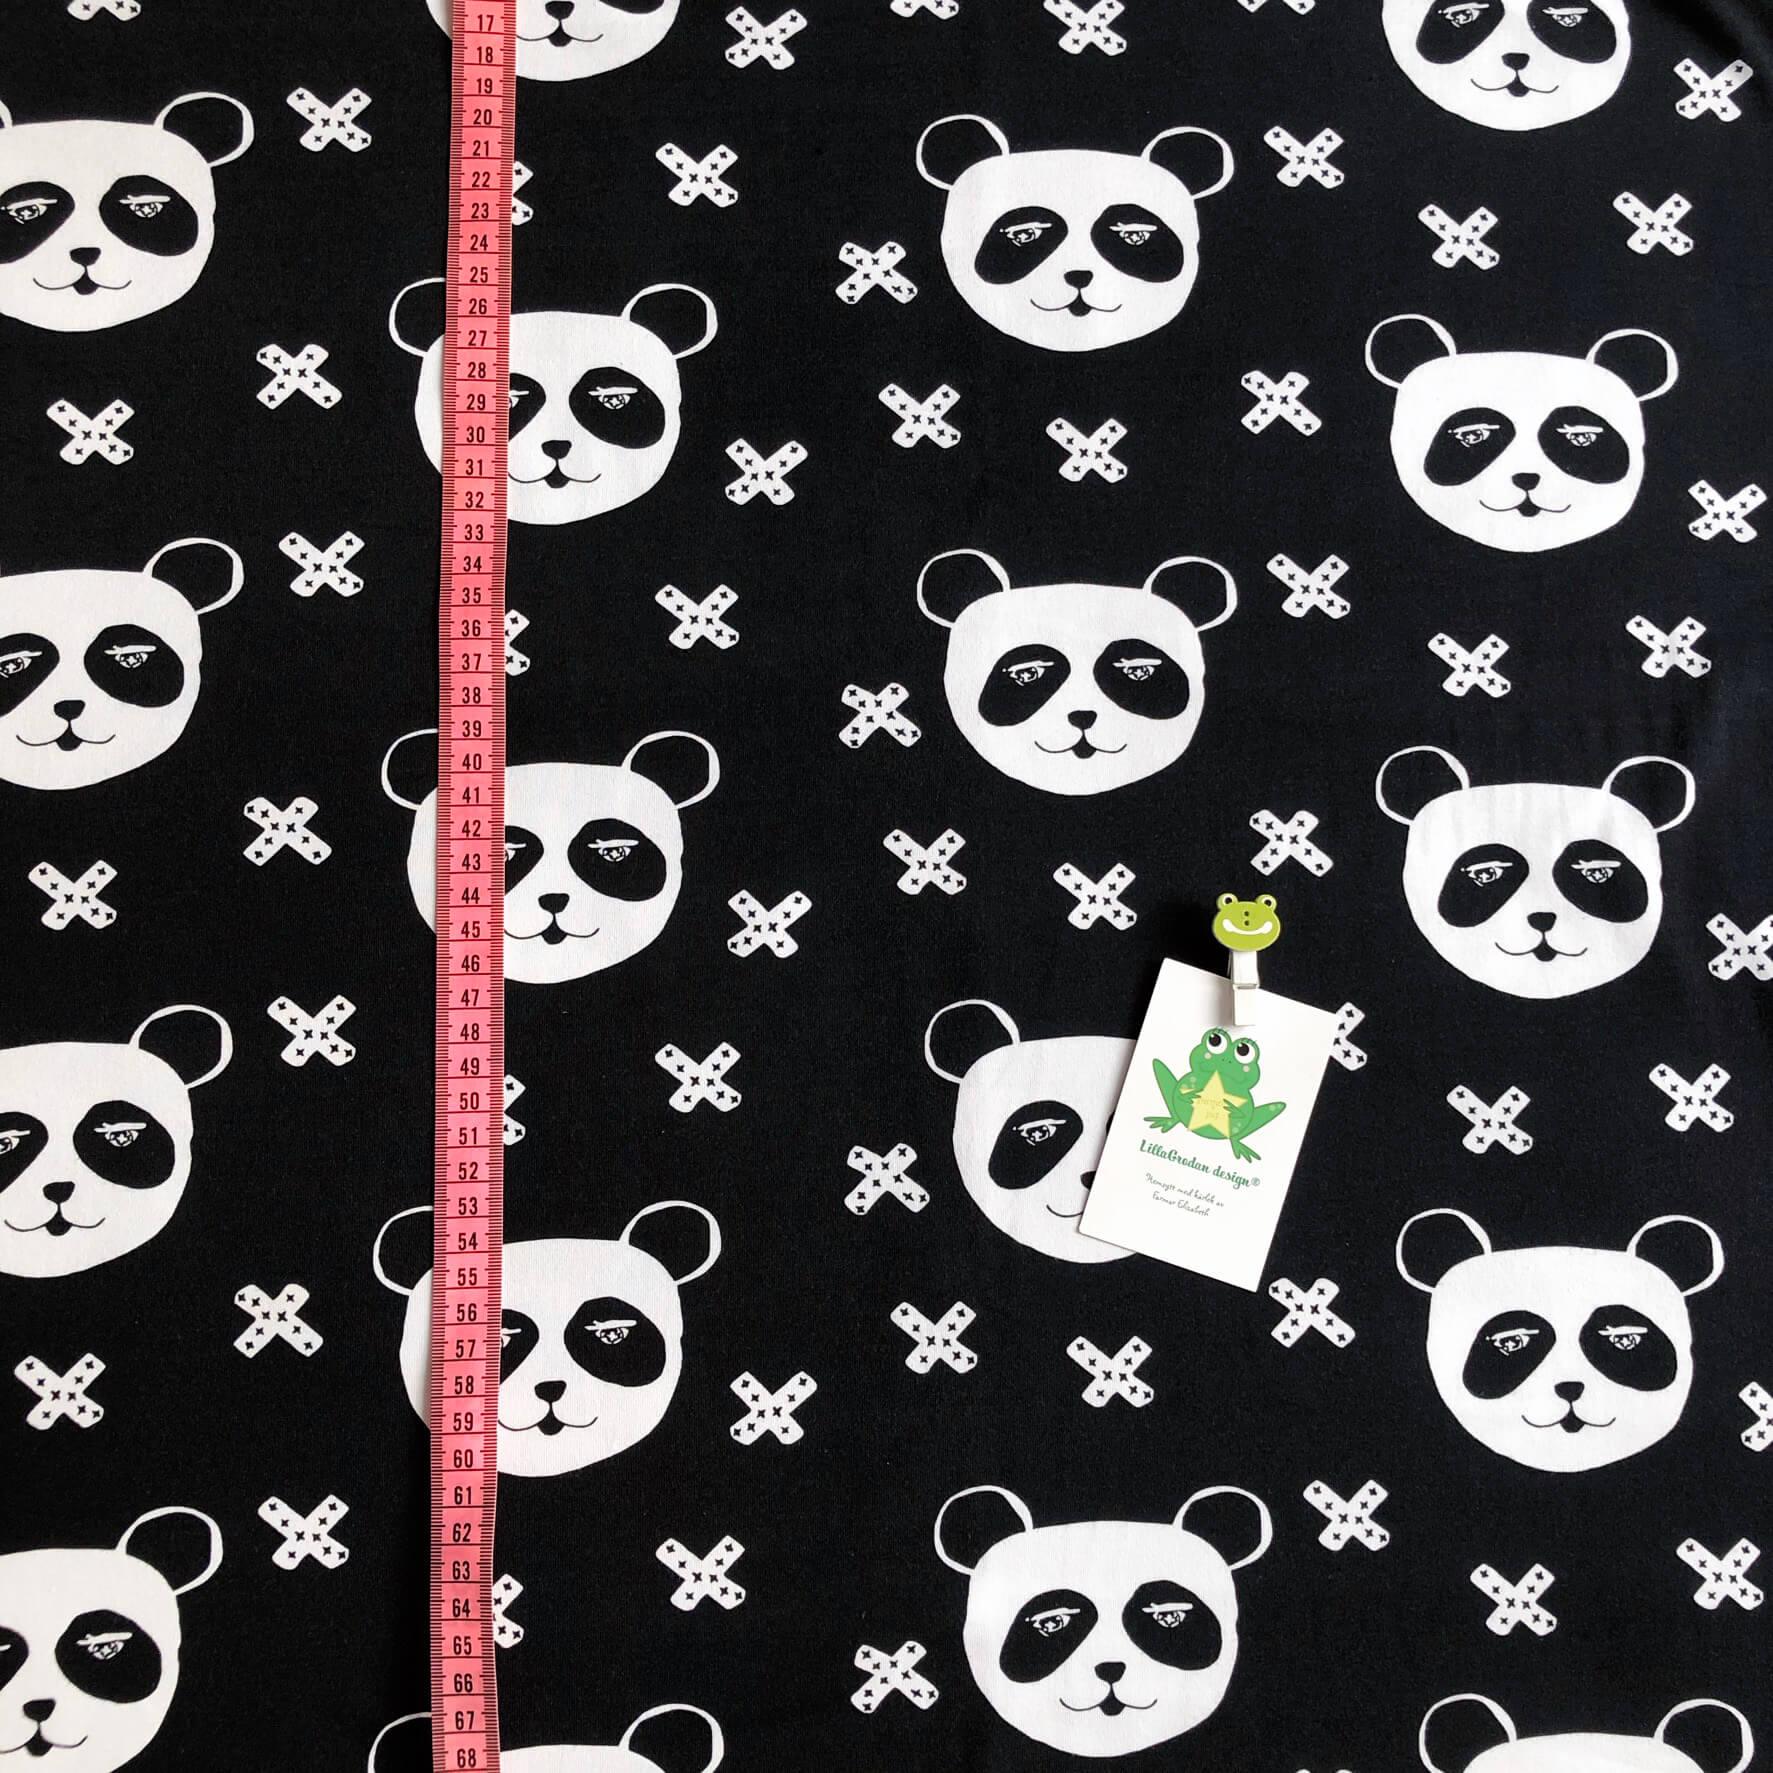 Panda X, Svart #624, eko,gots